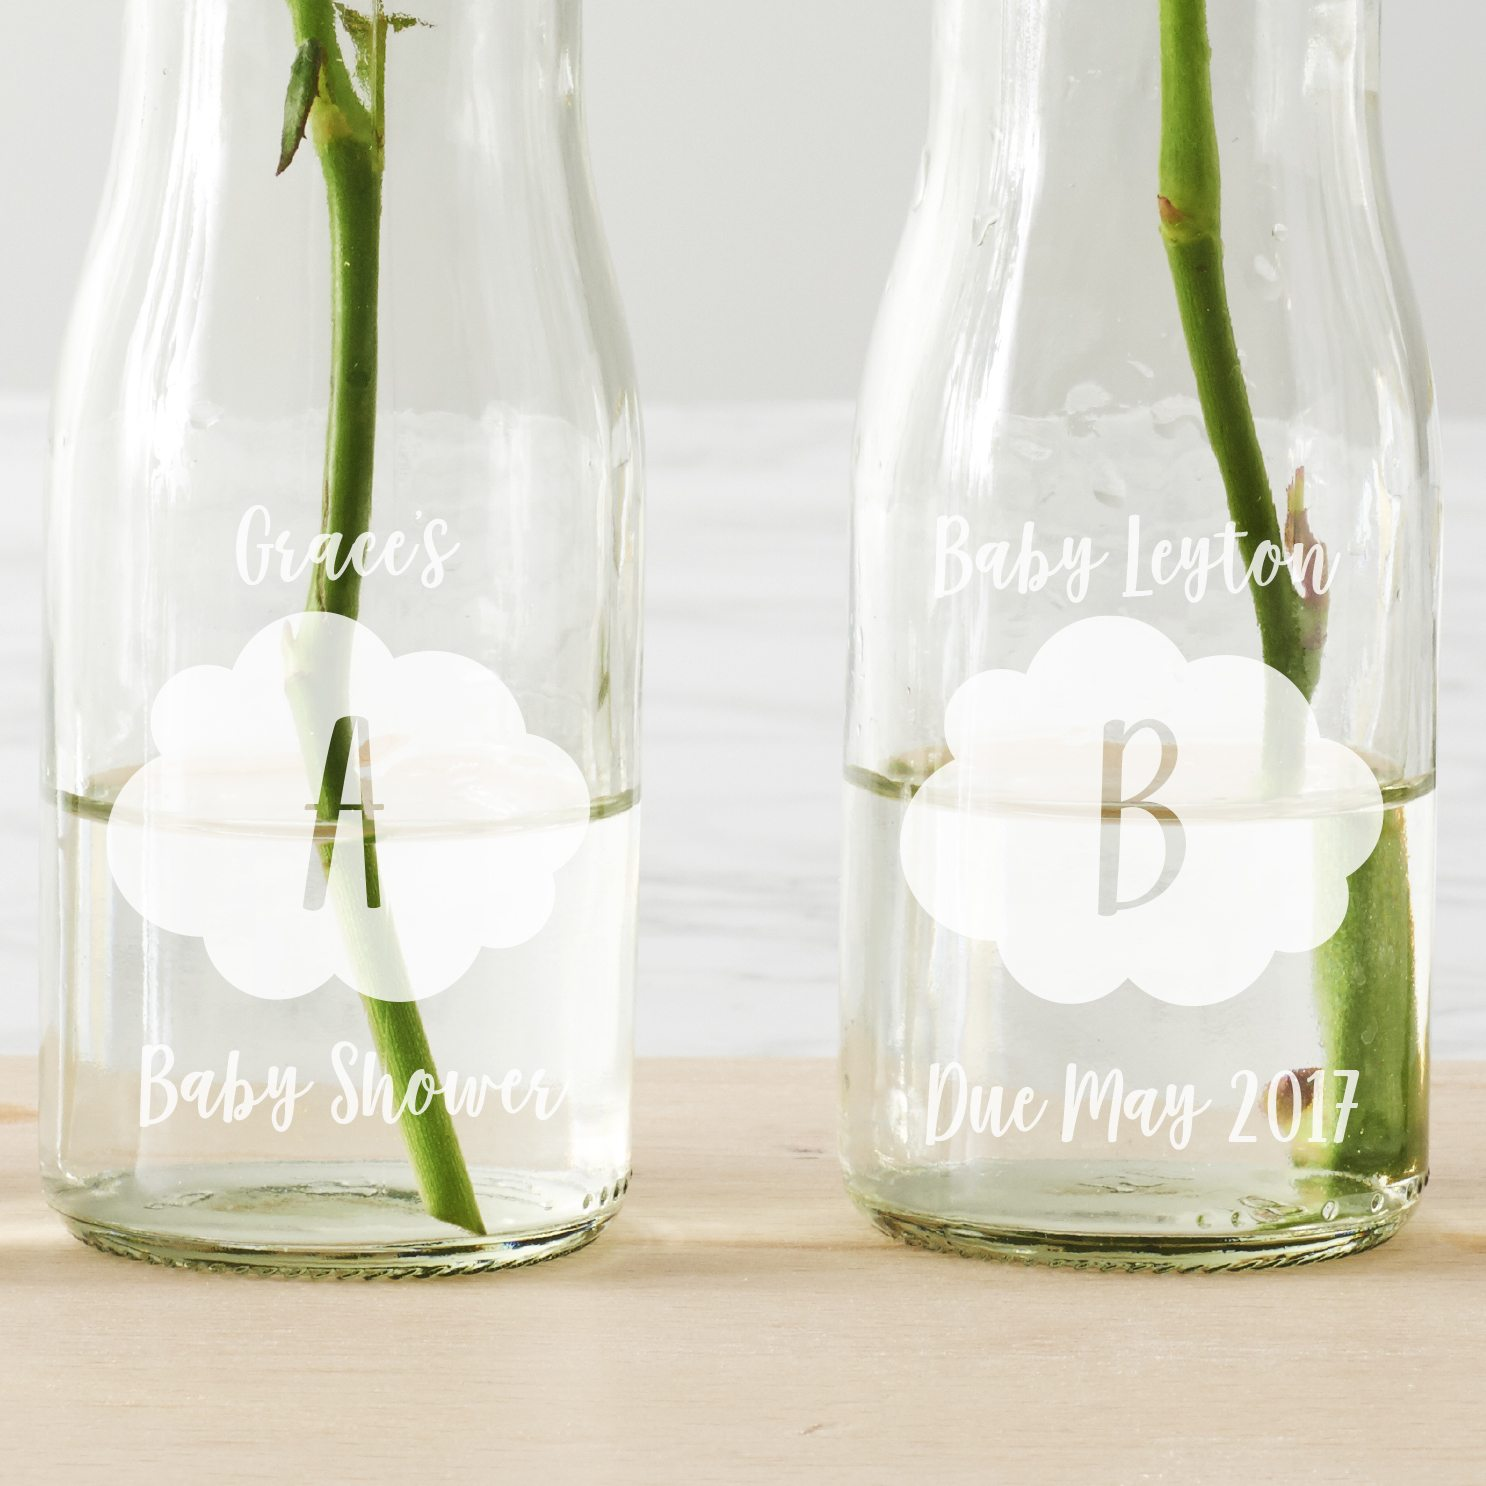 Personalised 'BABY' Cloud Bottle Vases